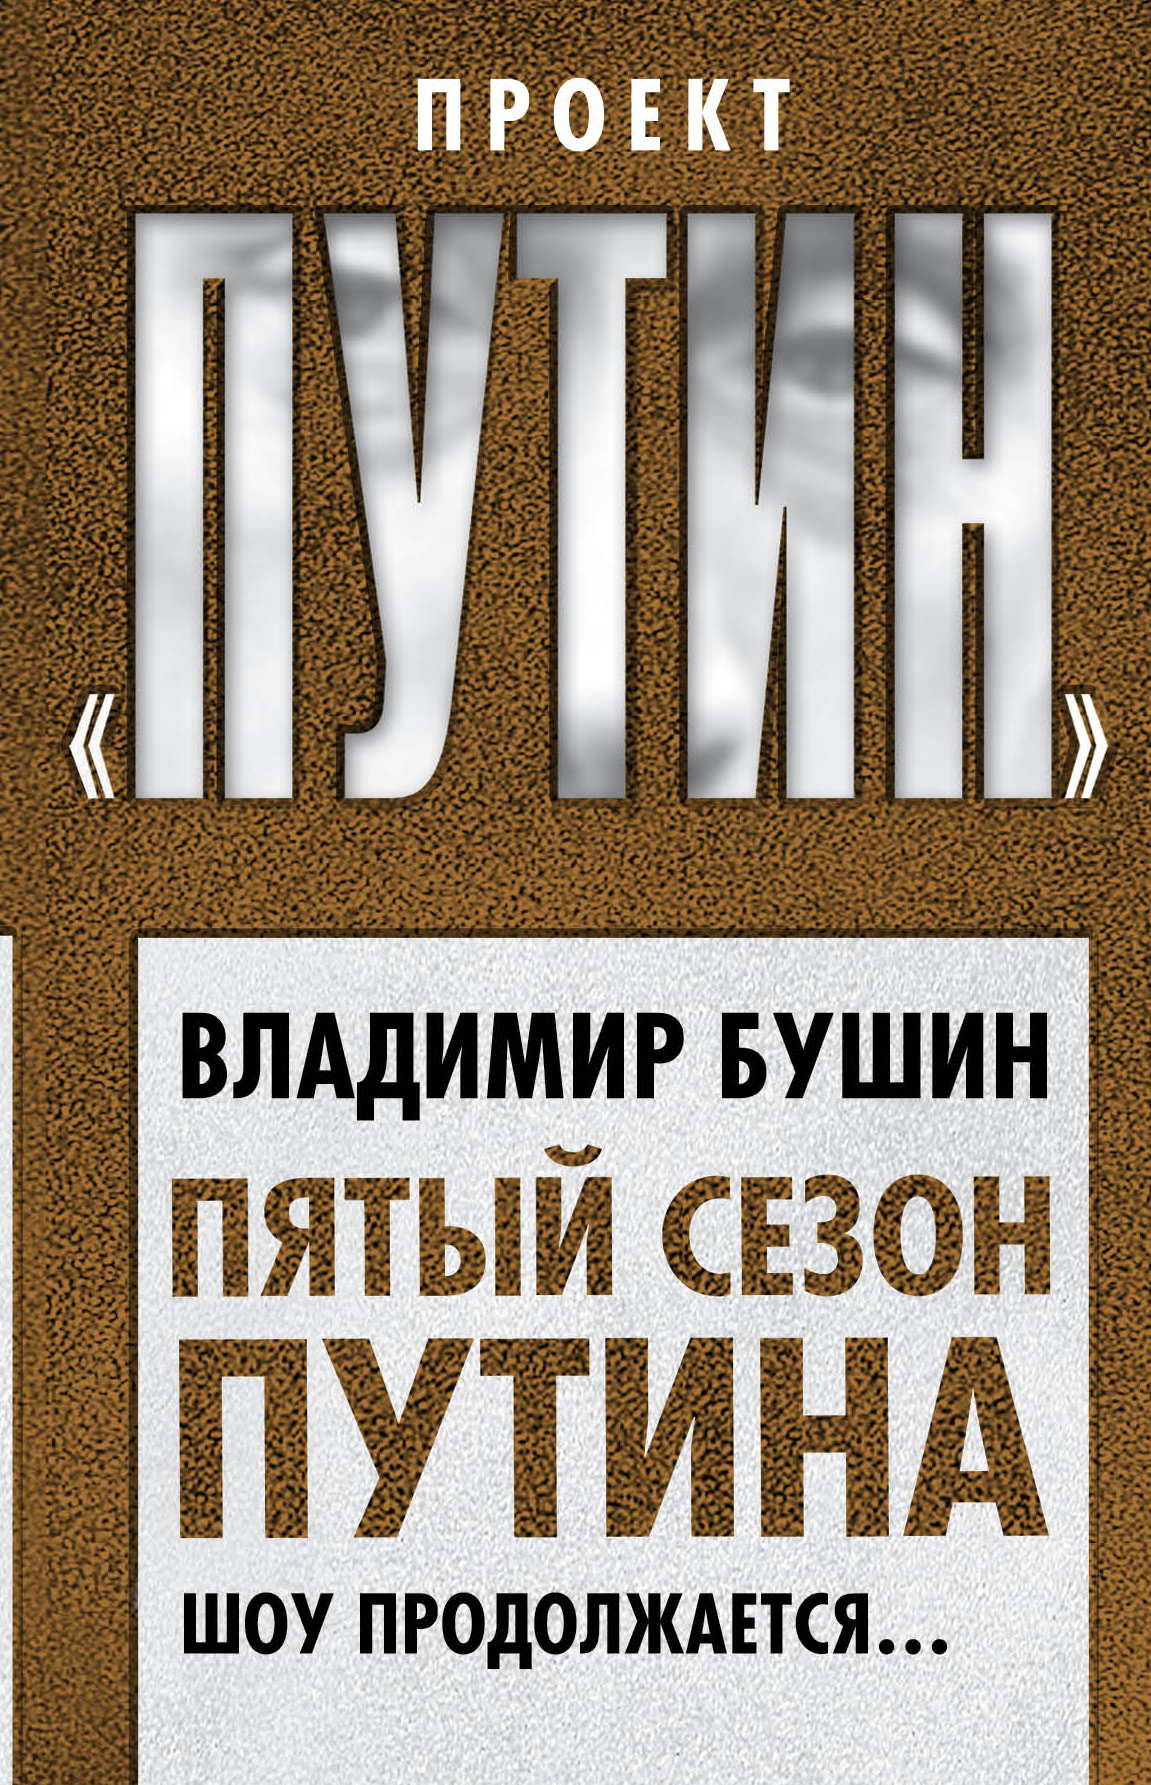 Бушин В.С. Пятый сезон Путина. Шоу продолжается… пятый сезон путина шоу продолжается…